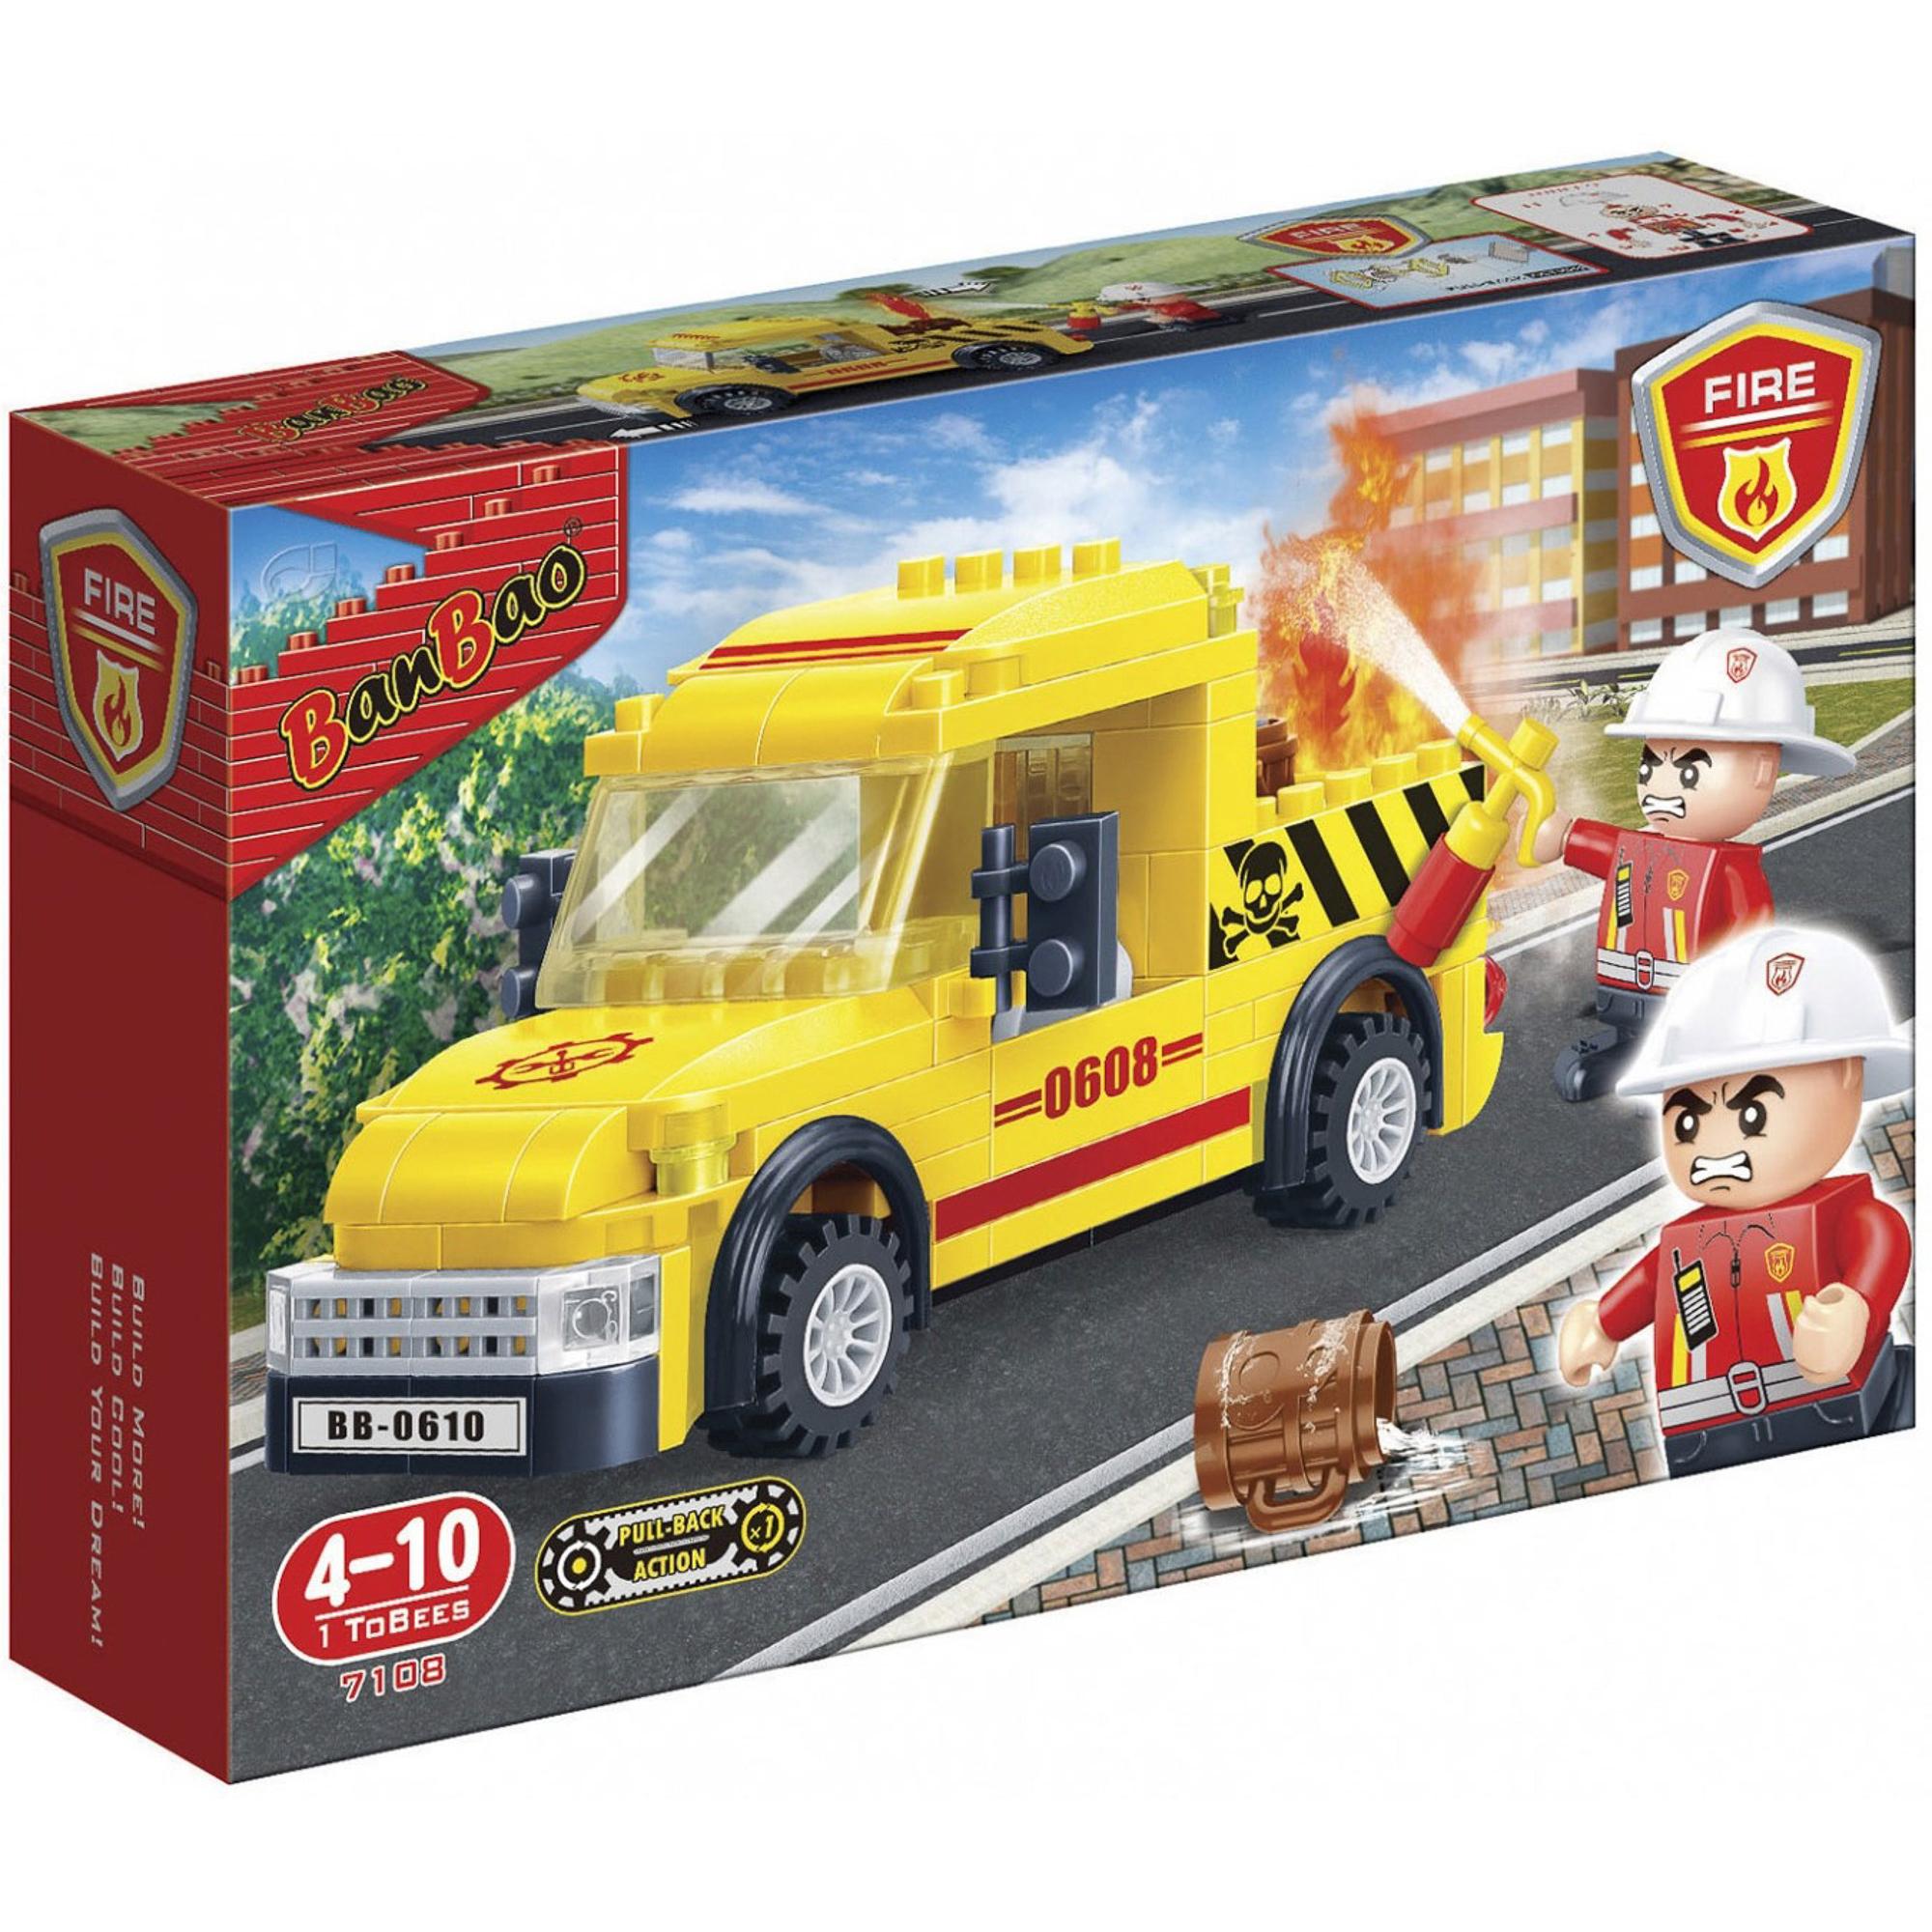 Купить Конструктор Banbao Пожарный пикап 7108, Китай, пластик, для мальчиков, Конструкторы, пазлы